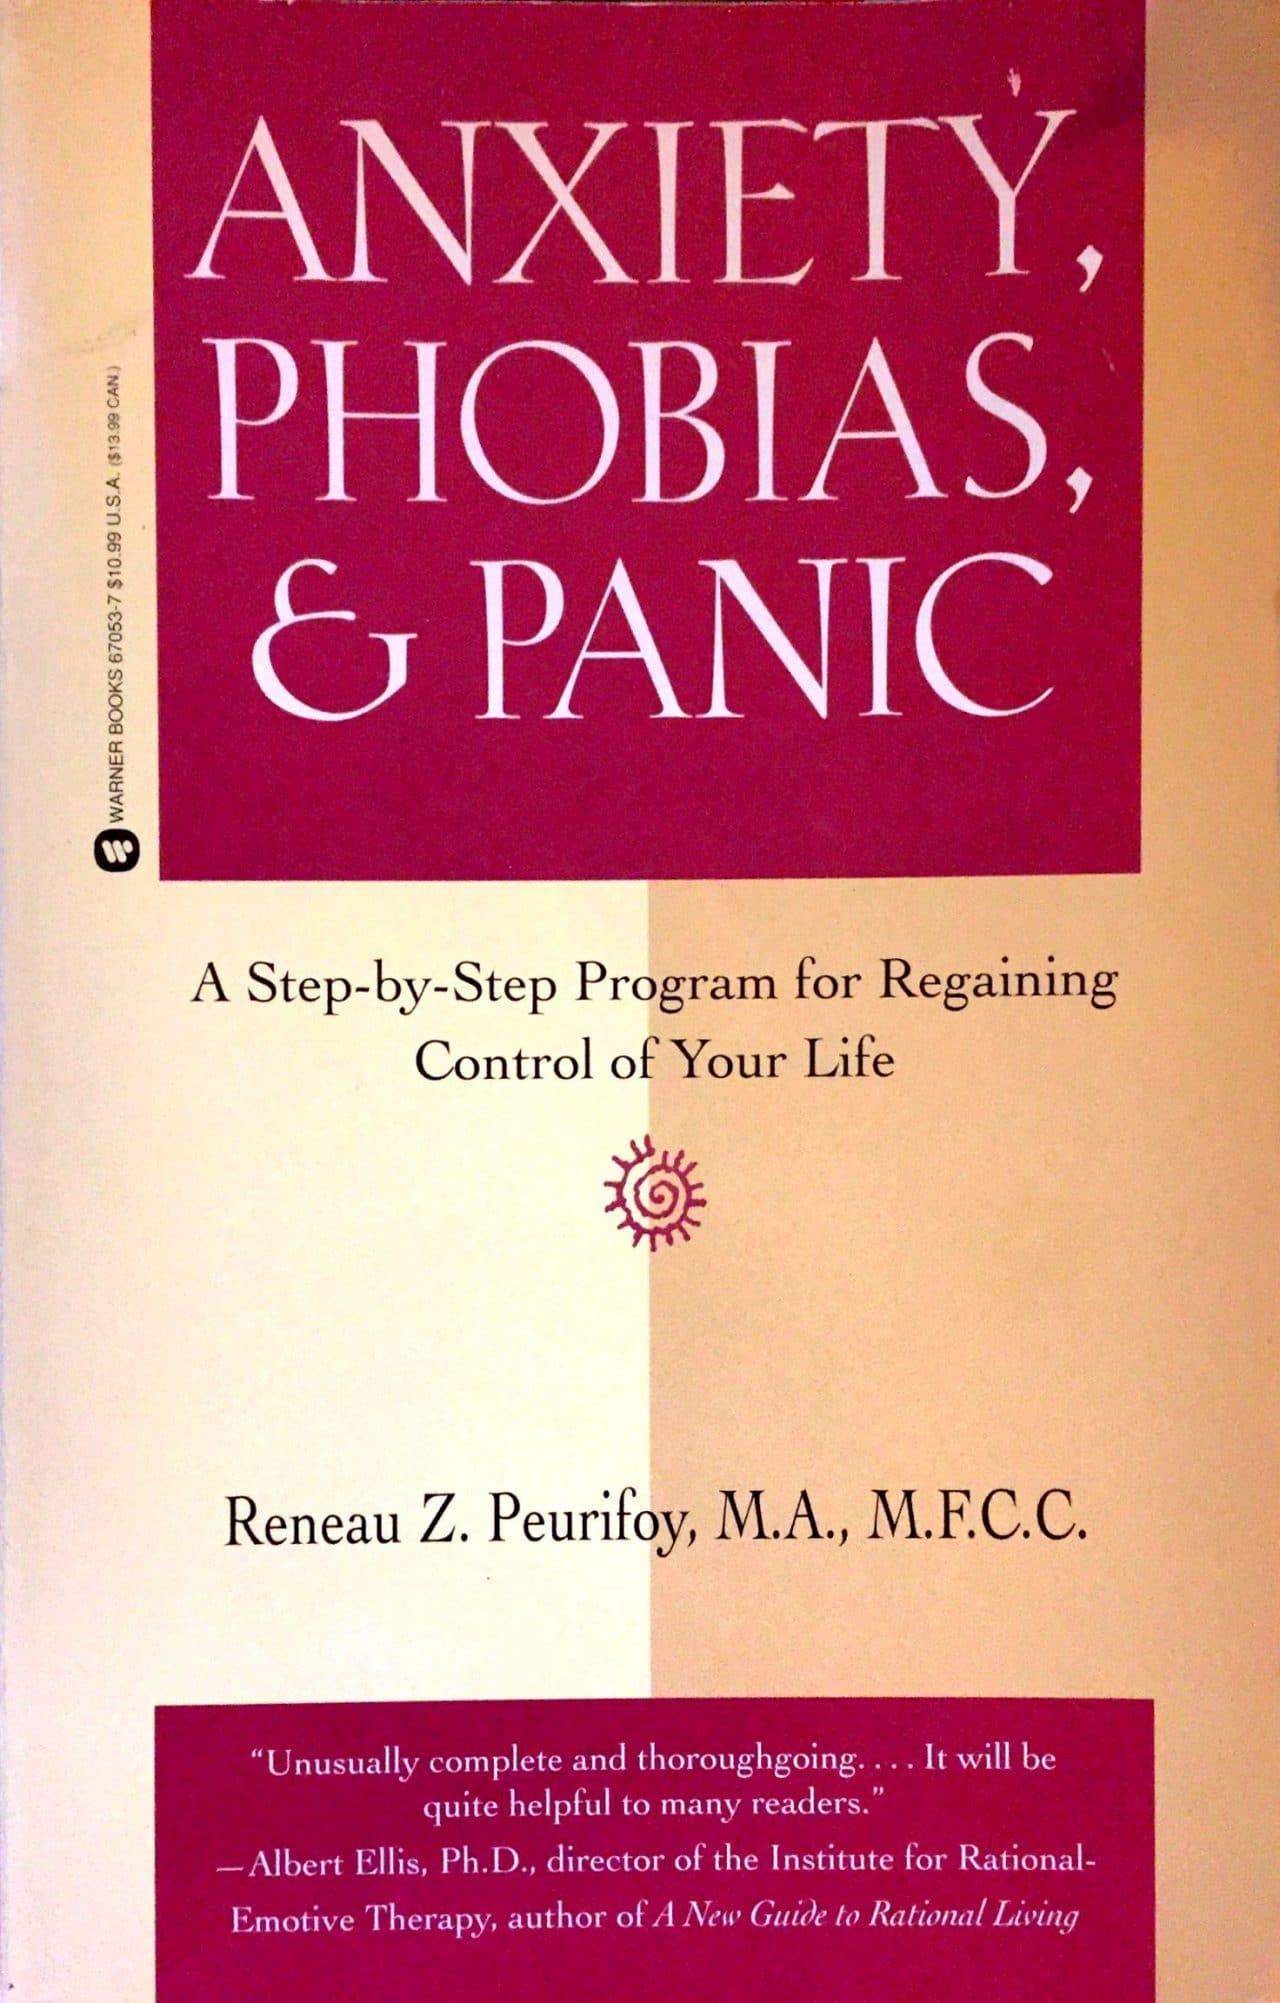 Anxiety, Phobias E Panic